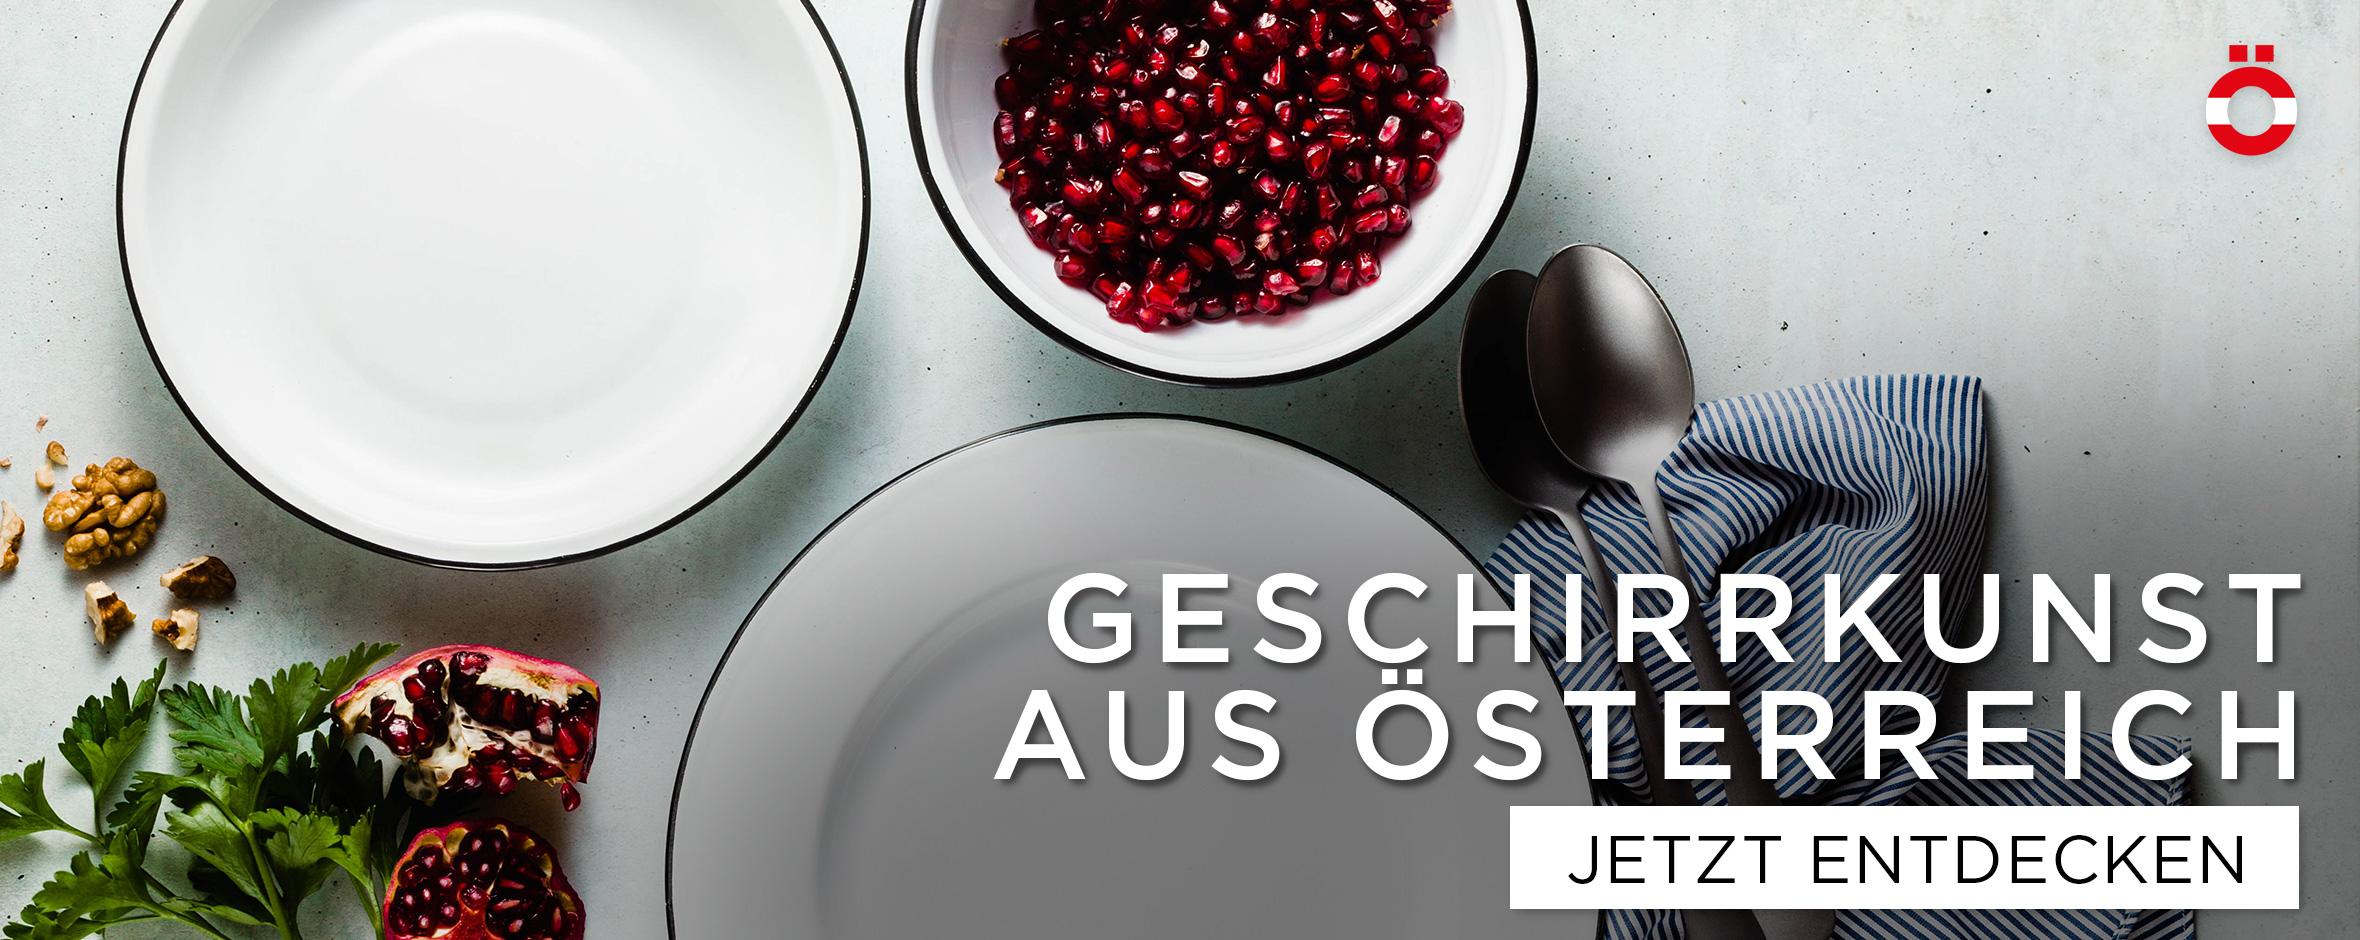 Geschirr aus Österreich online kaufen - shöpping.at